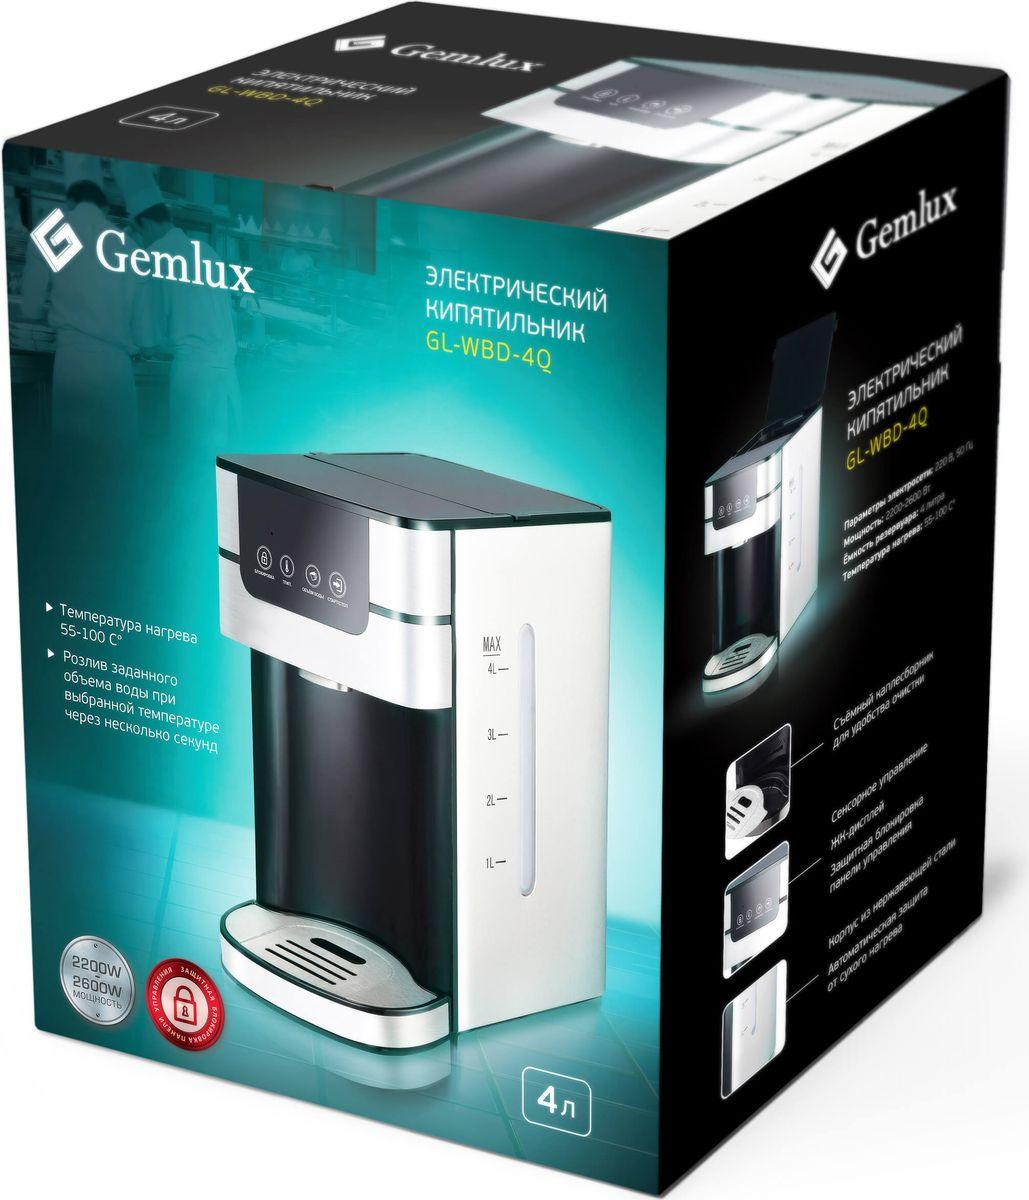 Электрокипятильник Gemlux GL-WBD-4Q, Silver Gemlux